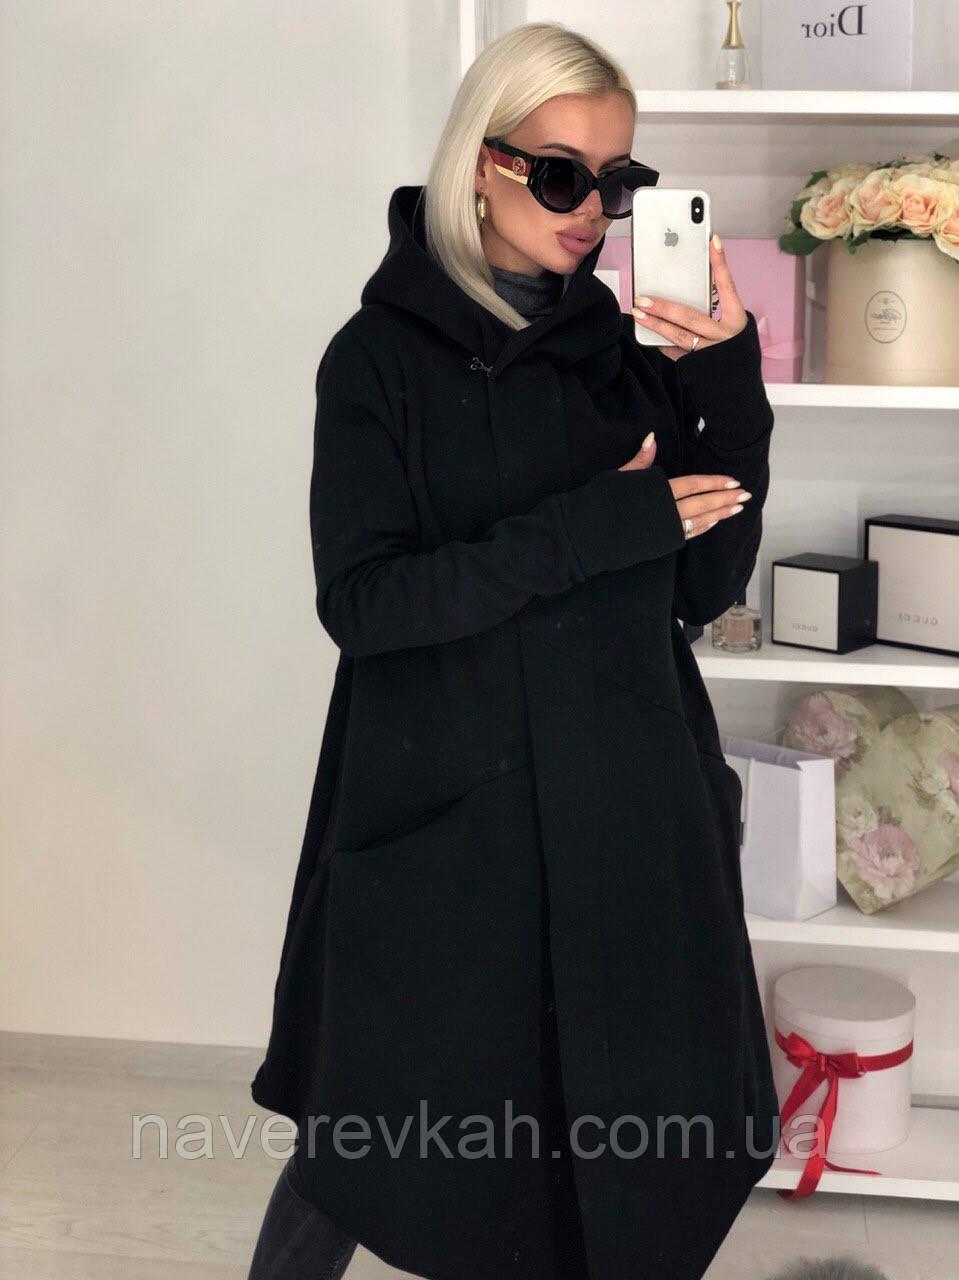 Женская стильная теплая мантия кардиган на флисе с капюшоном черный серый графит  42-46